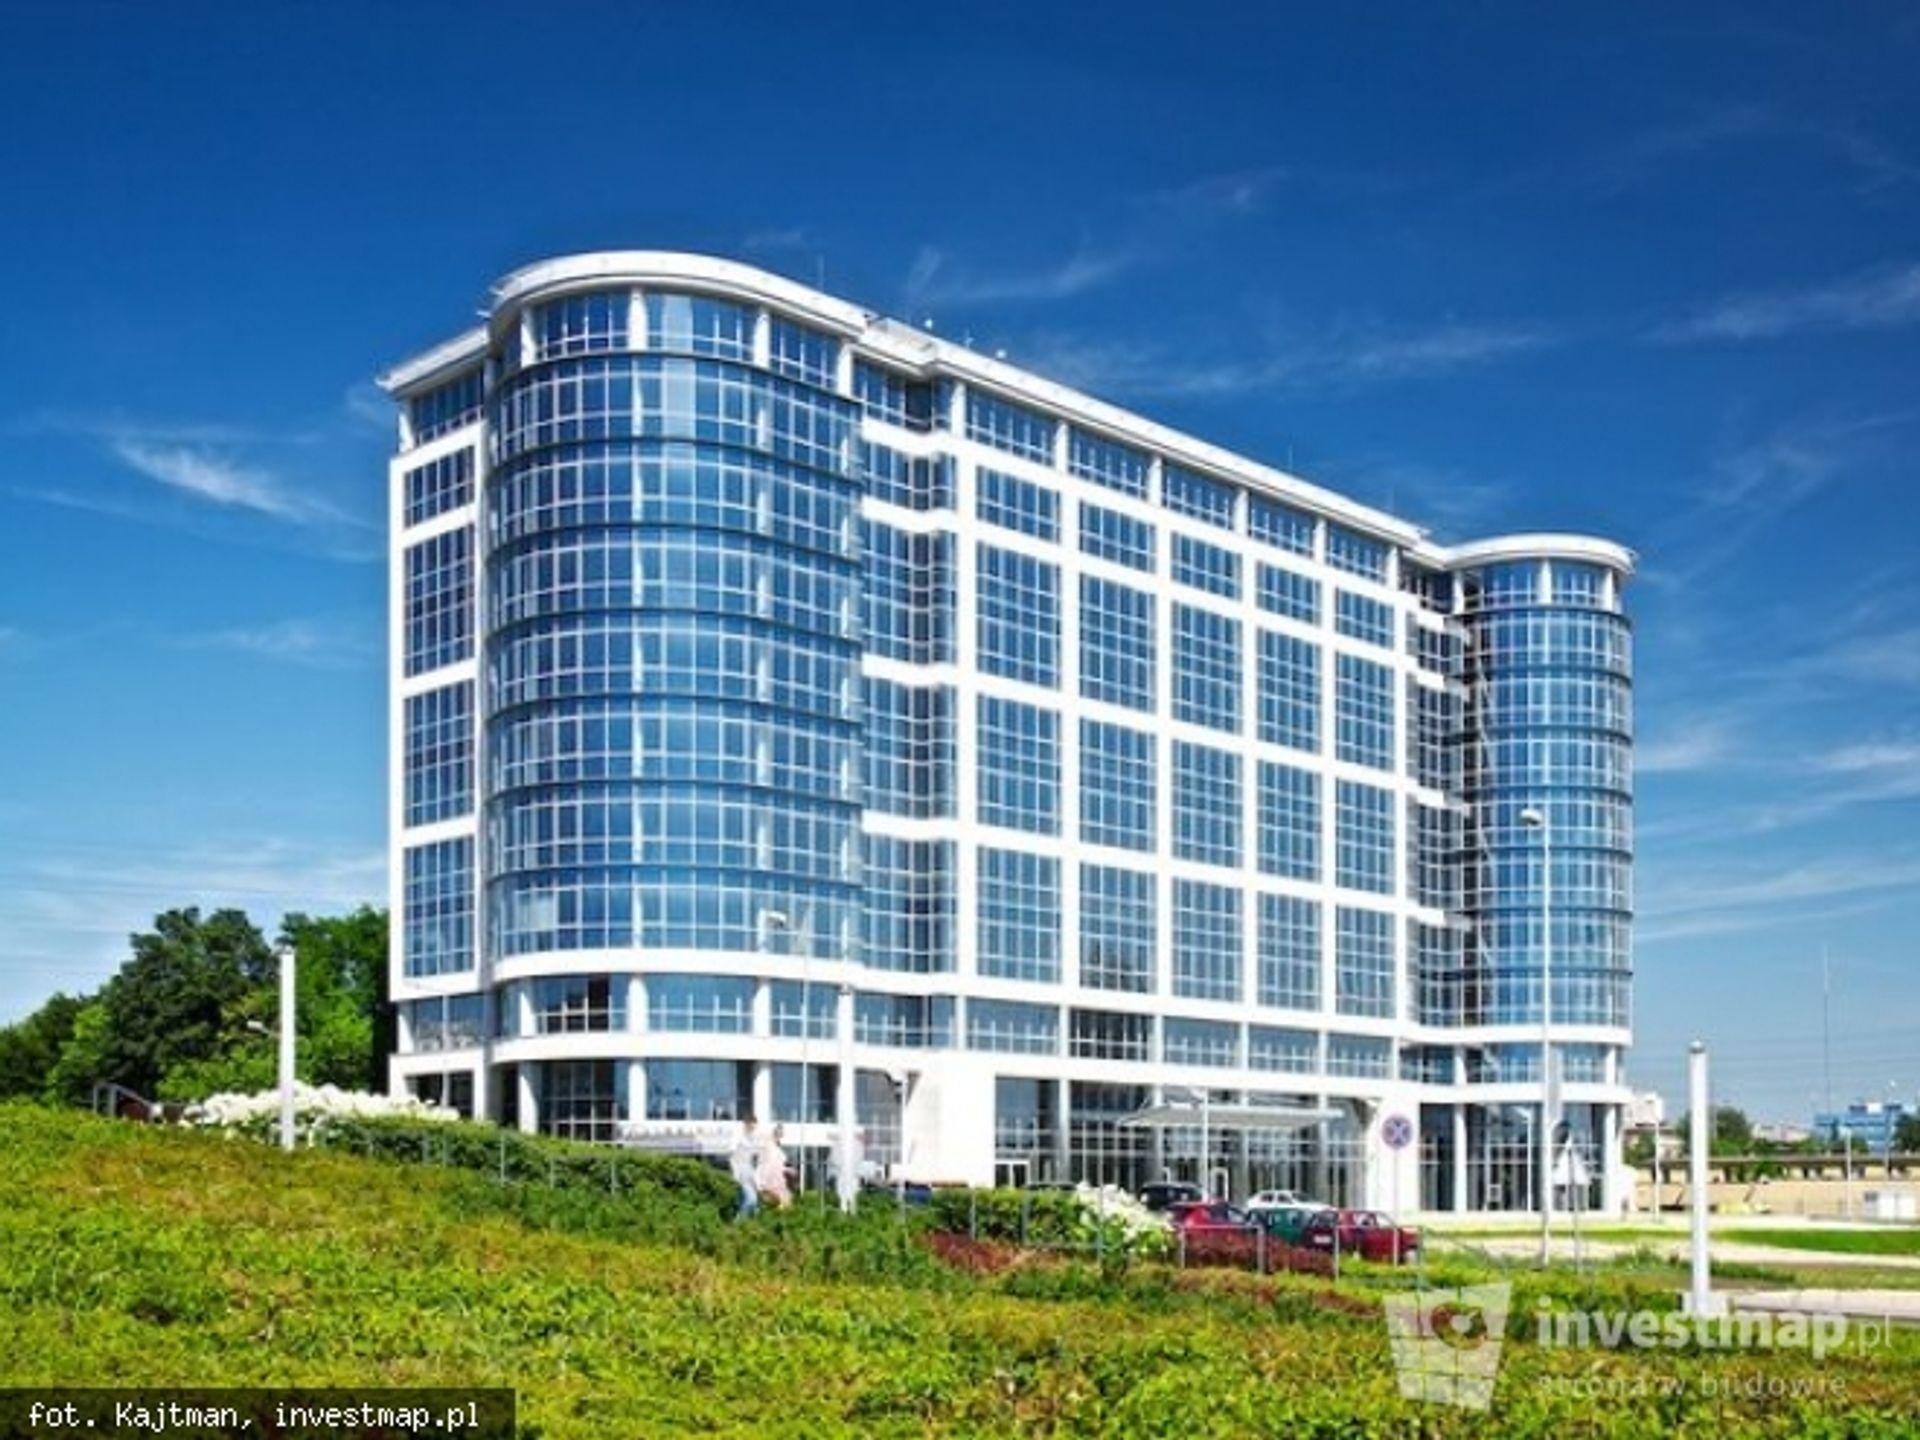 [Katowice] PwC przedłuża umowę w Katowice Business Point